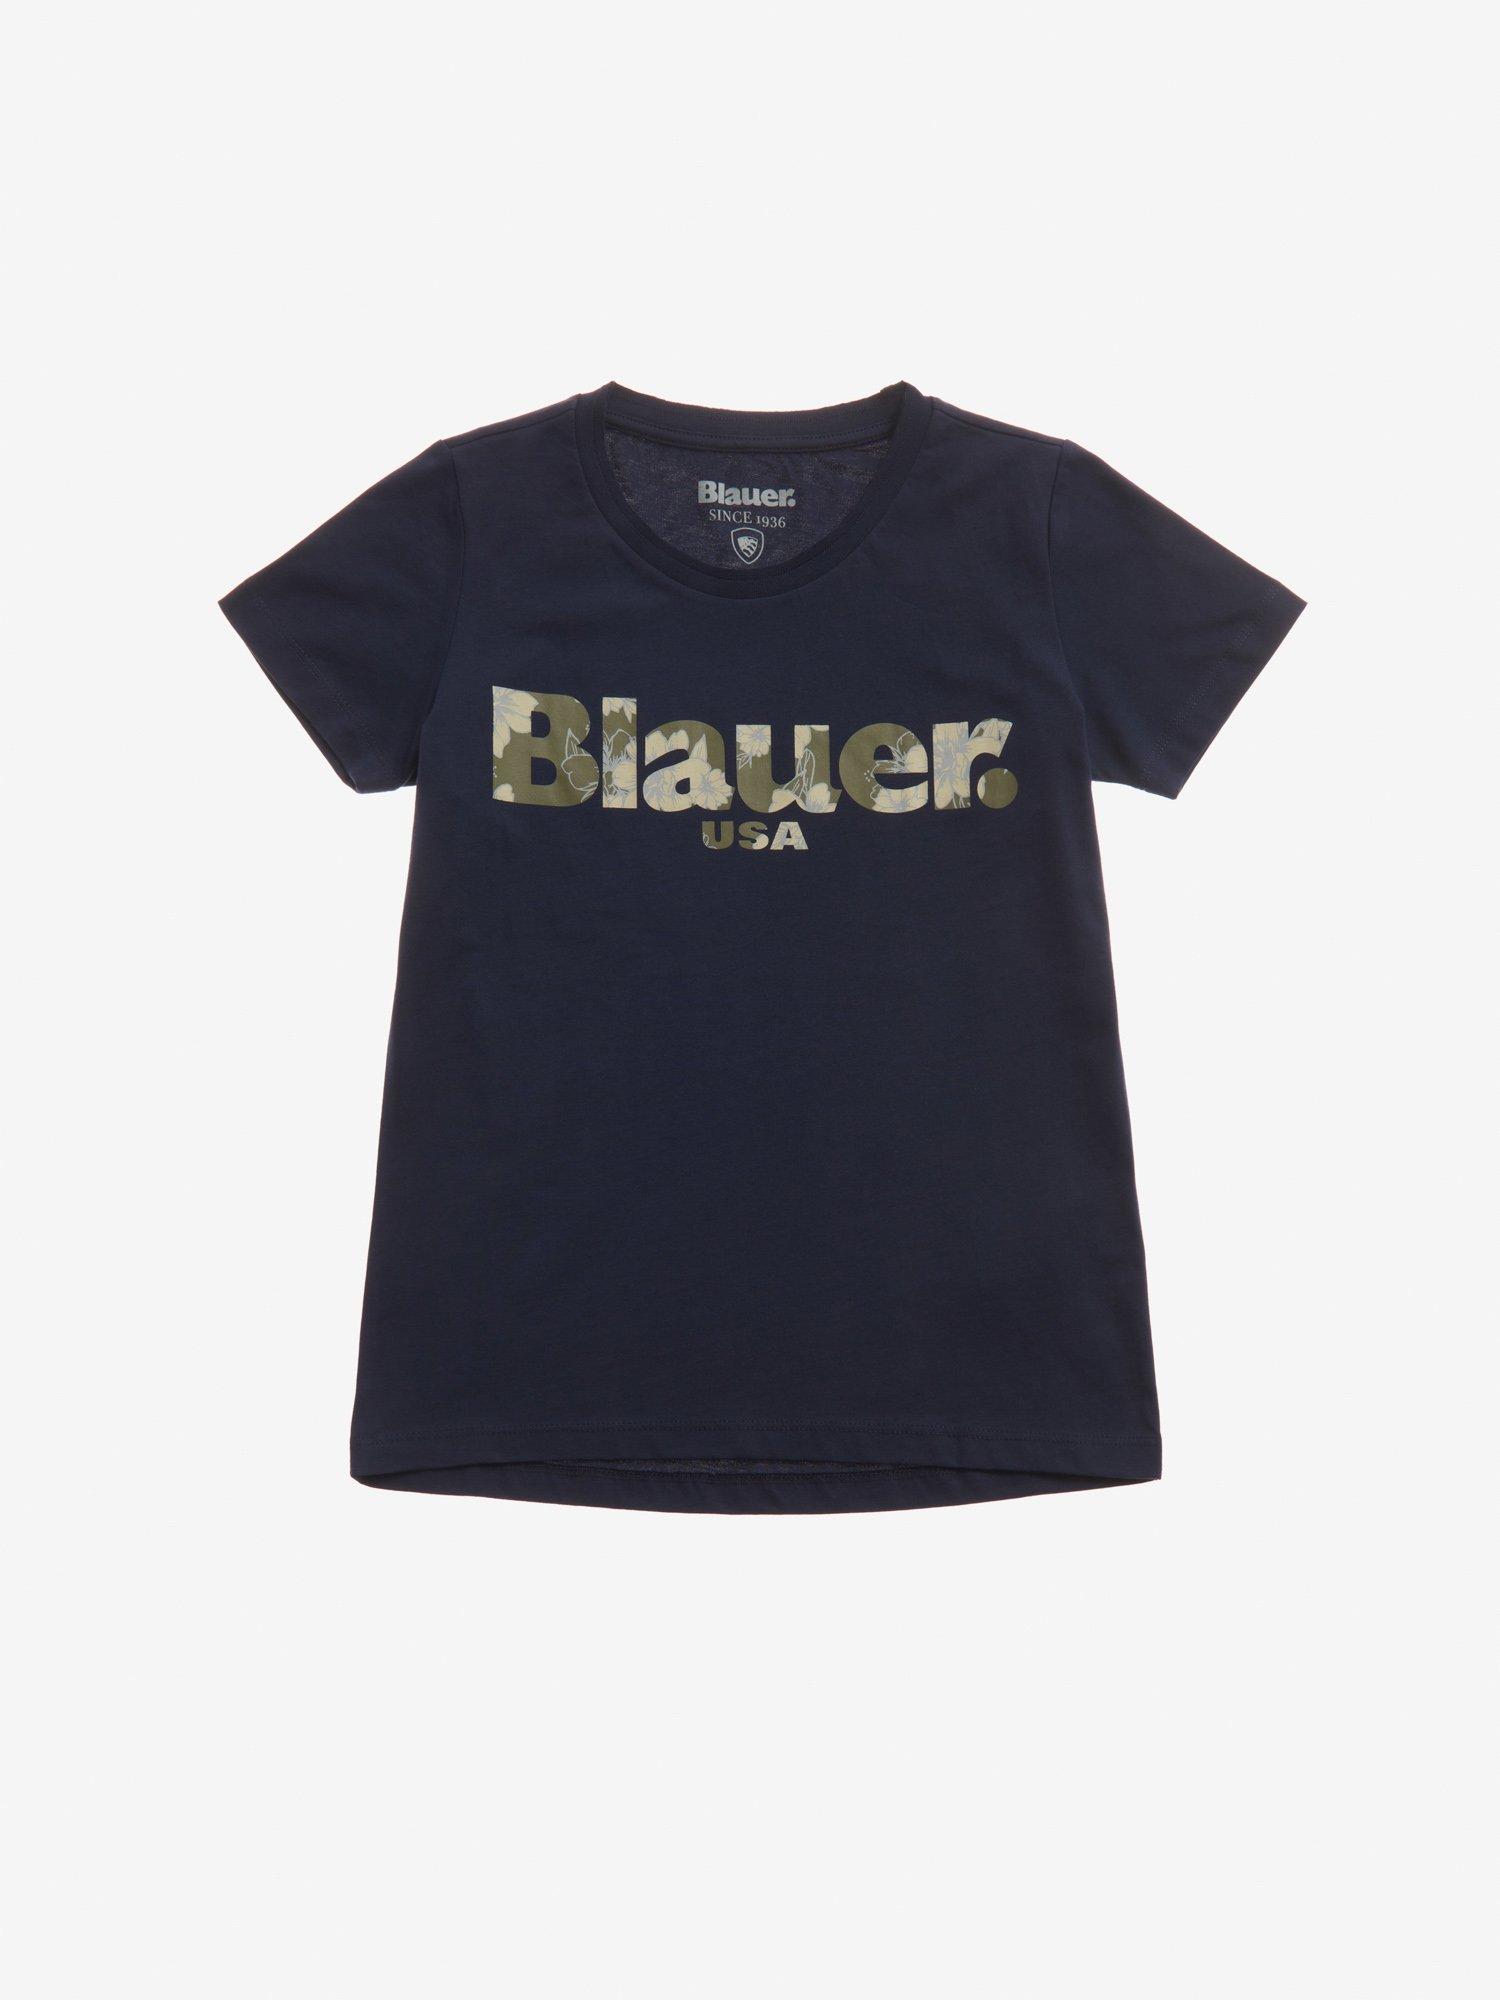 Blauer - BLAUER FLORAL T-SHIRT - Dark Sapphire - Blauer